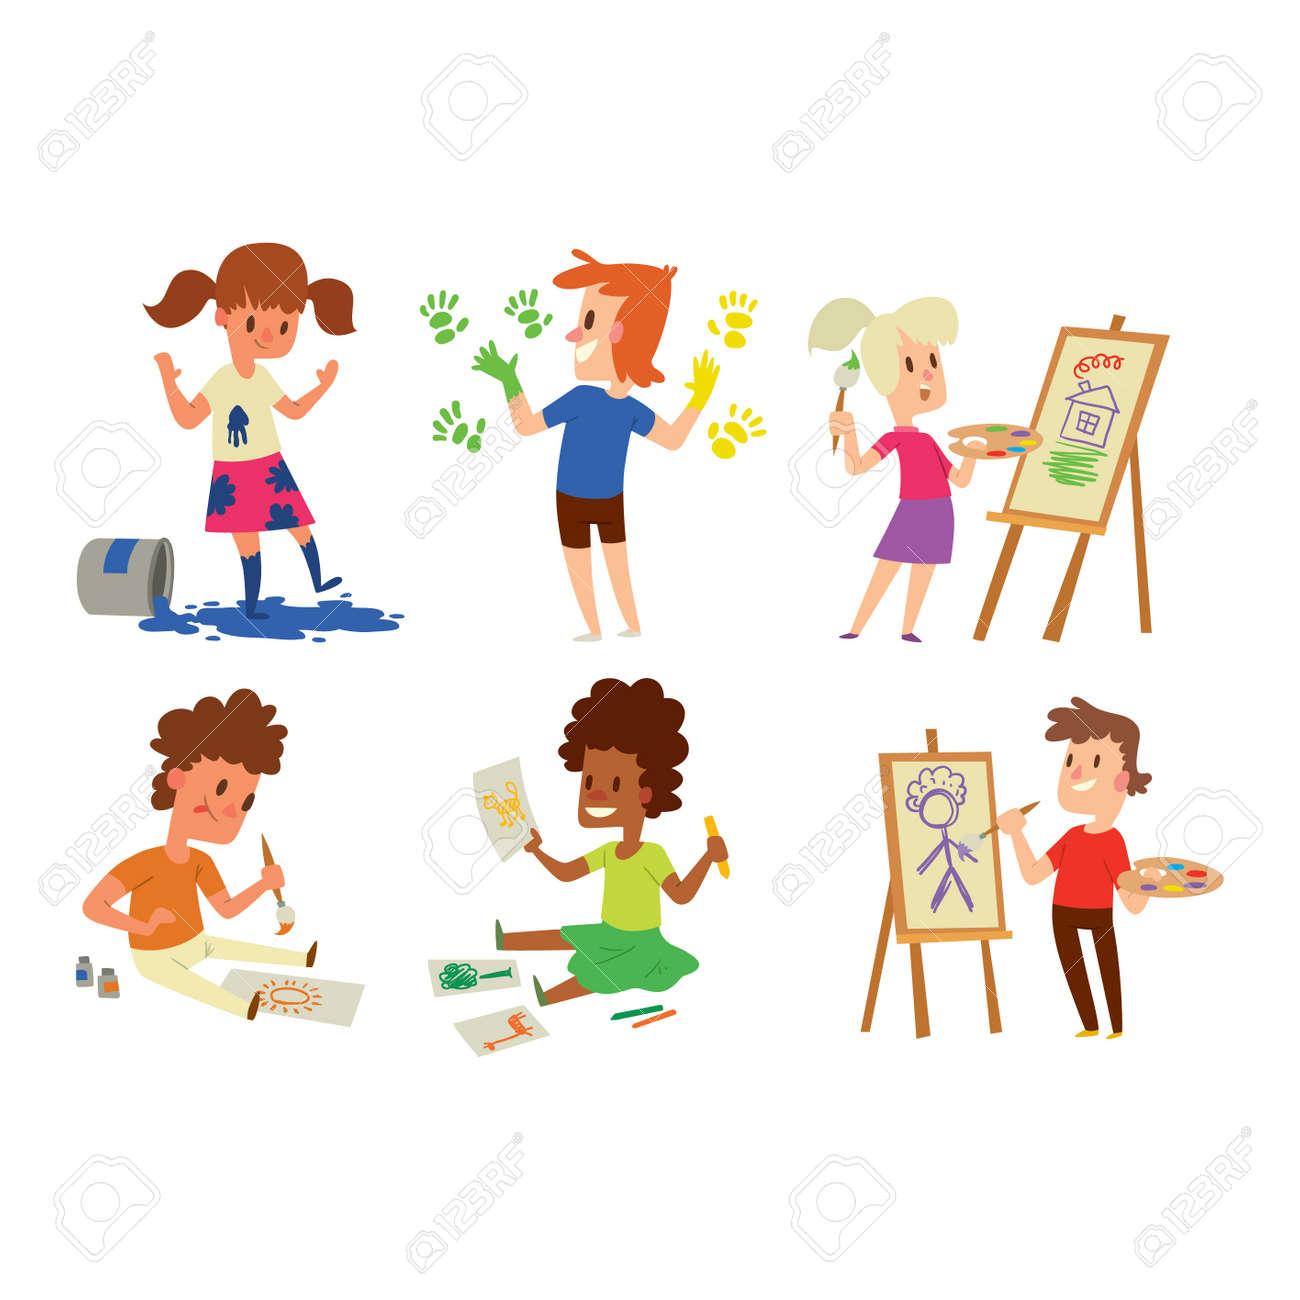 Bilder für kinderzimmer auf leinwand selber malen mädchen  Junge Und Mädchen, Künstler, Kinder, Kinder. Bildung Künstler ...